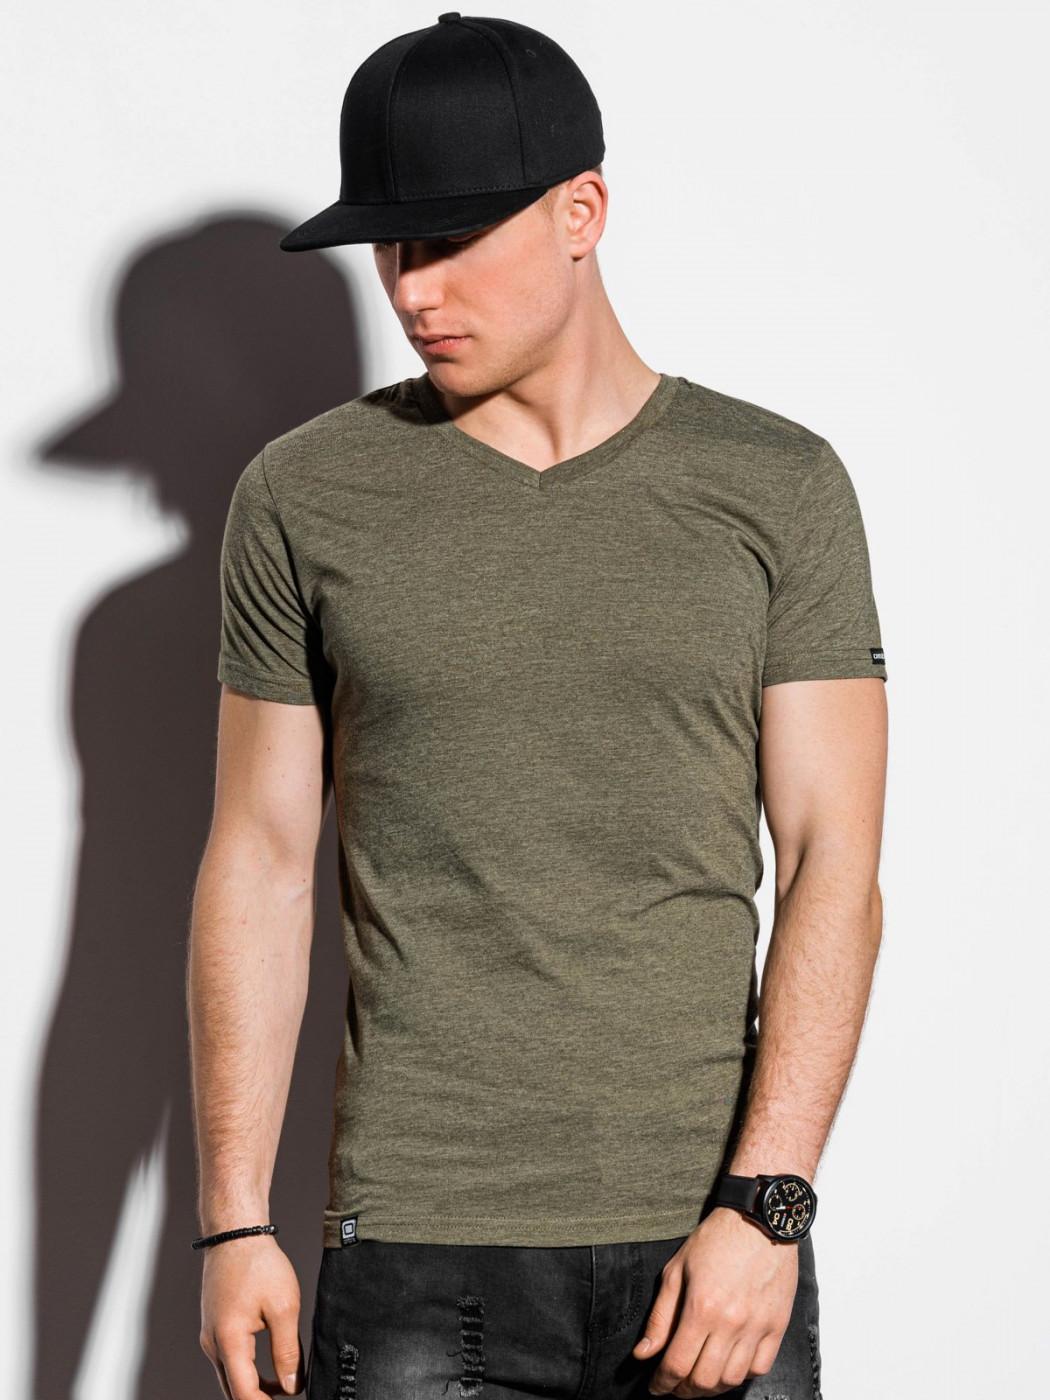 Ombre Clothing Men's plain t-shirt S1041